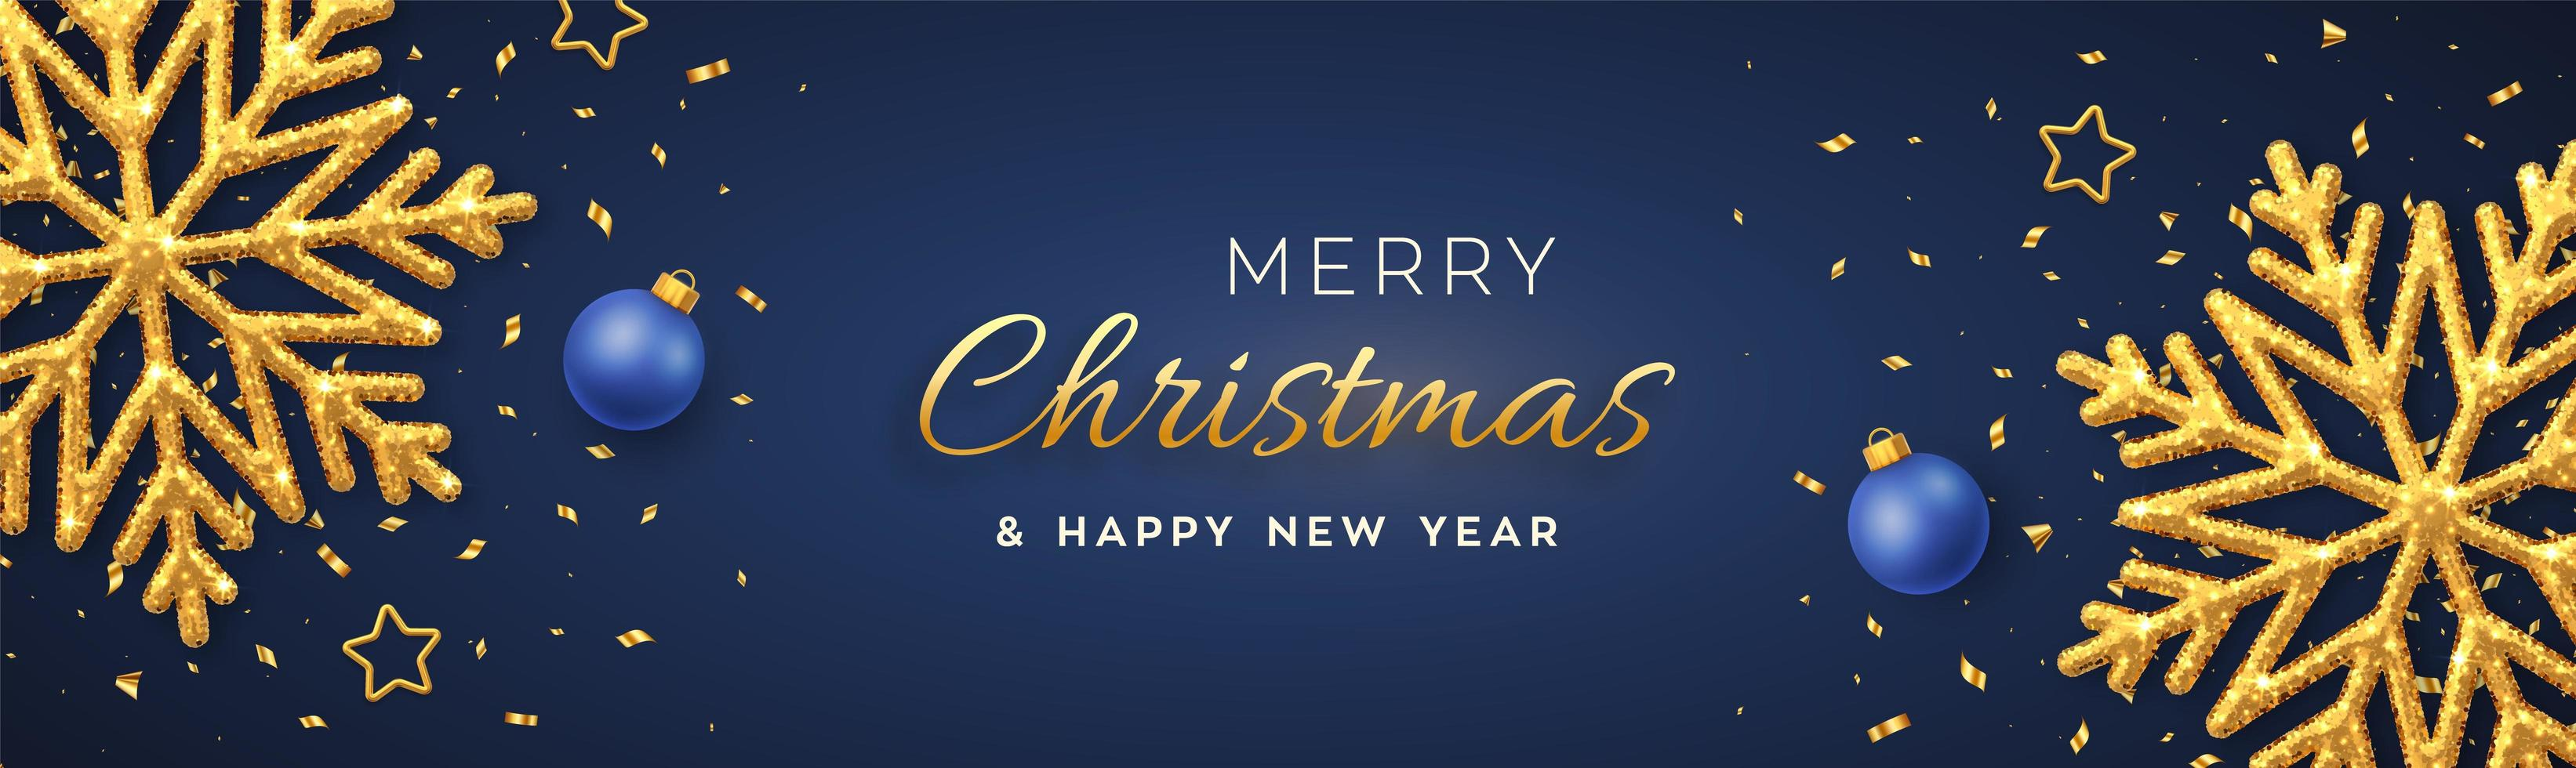 Kerstmis blauwe achtergrond met glanzende gouden sneeuwvlokken vector